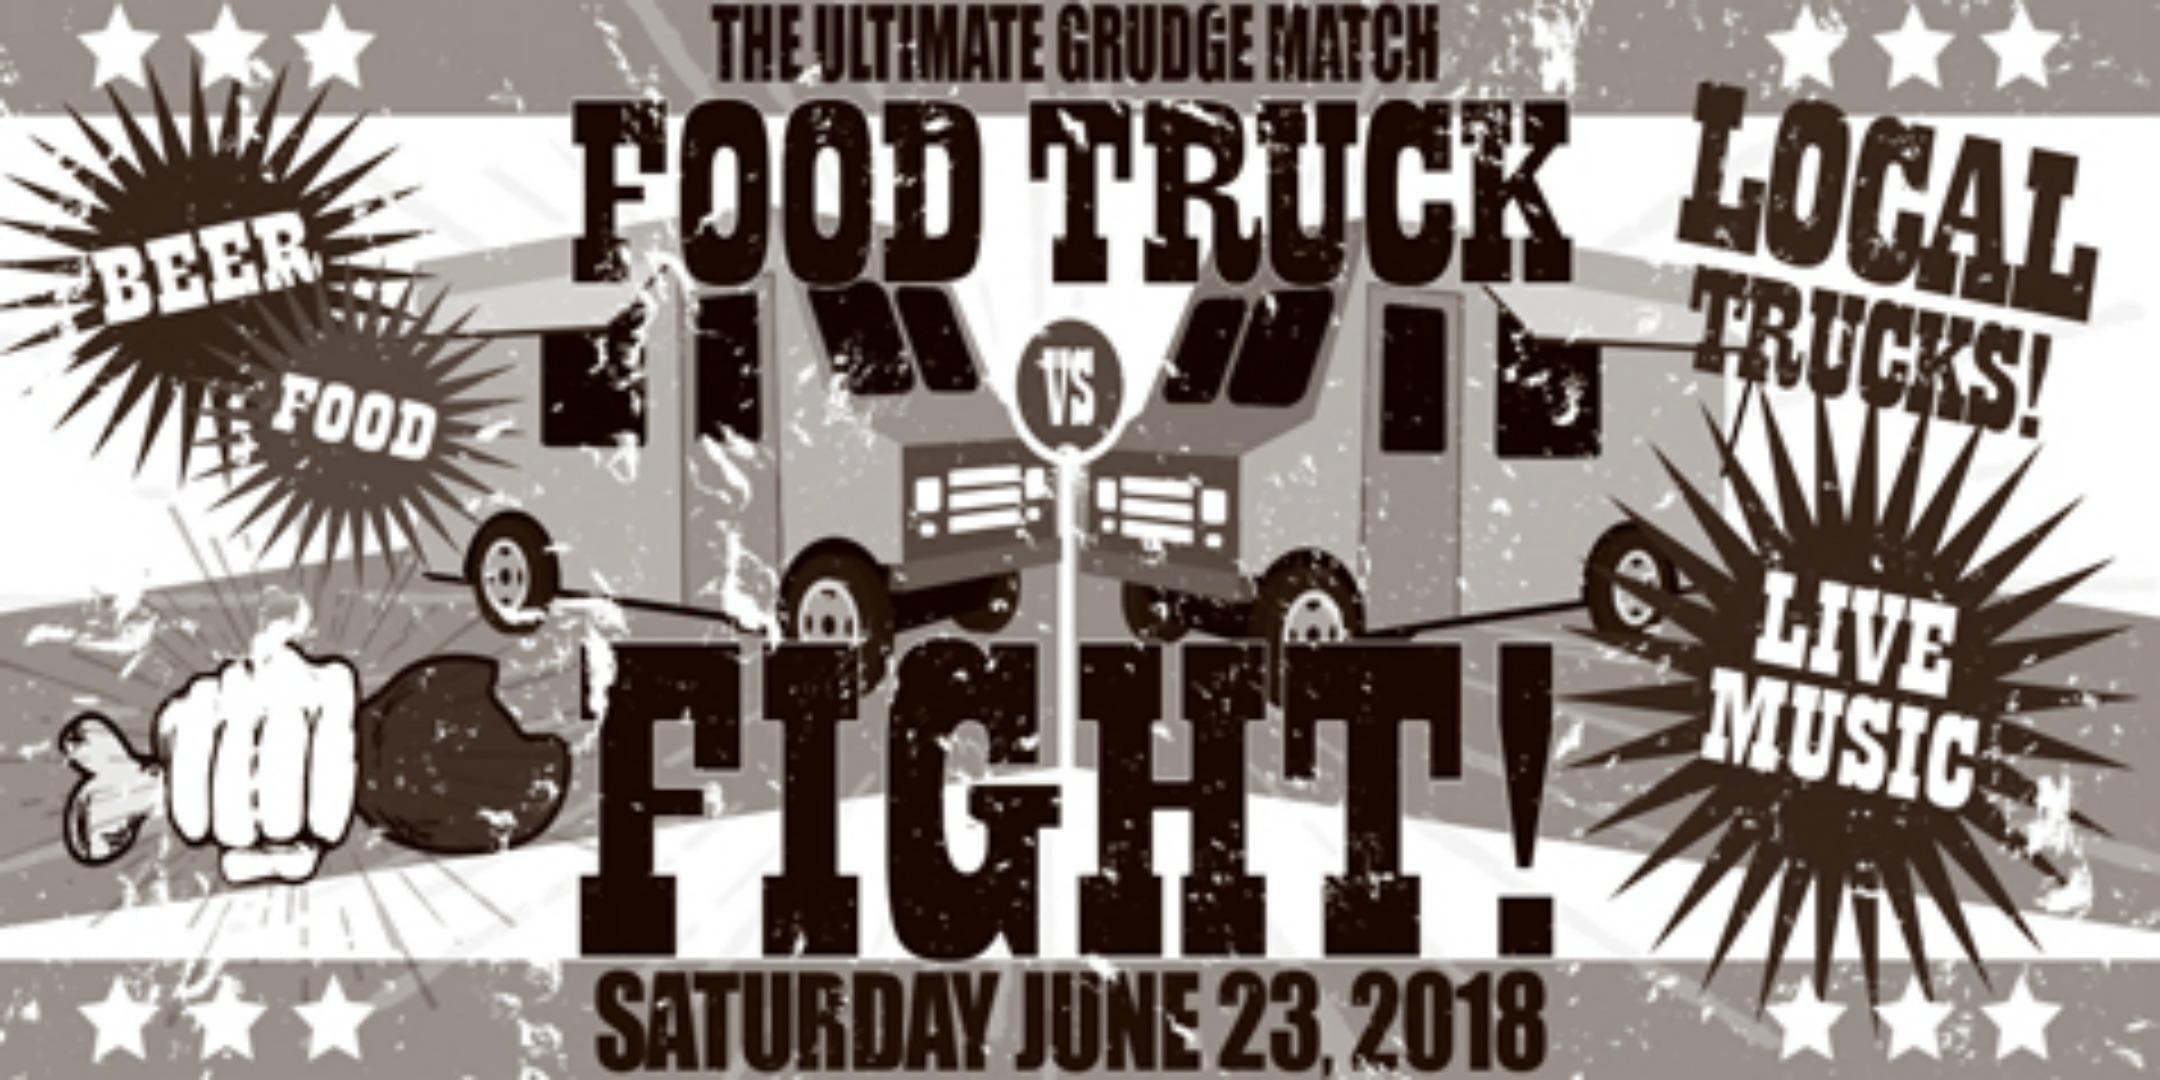 Food Truck Fight VIP TICKET